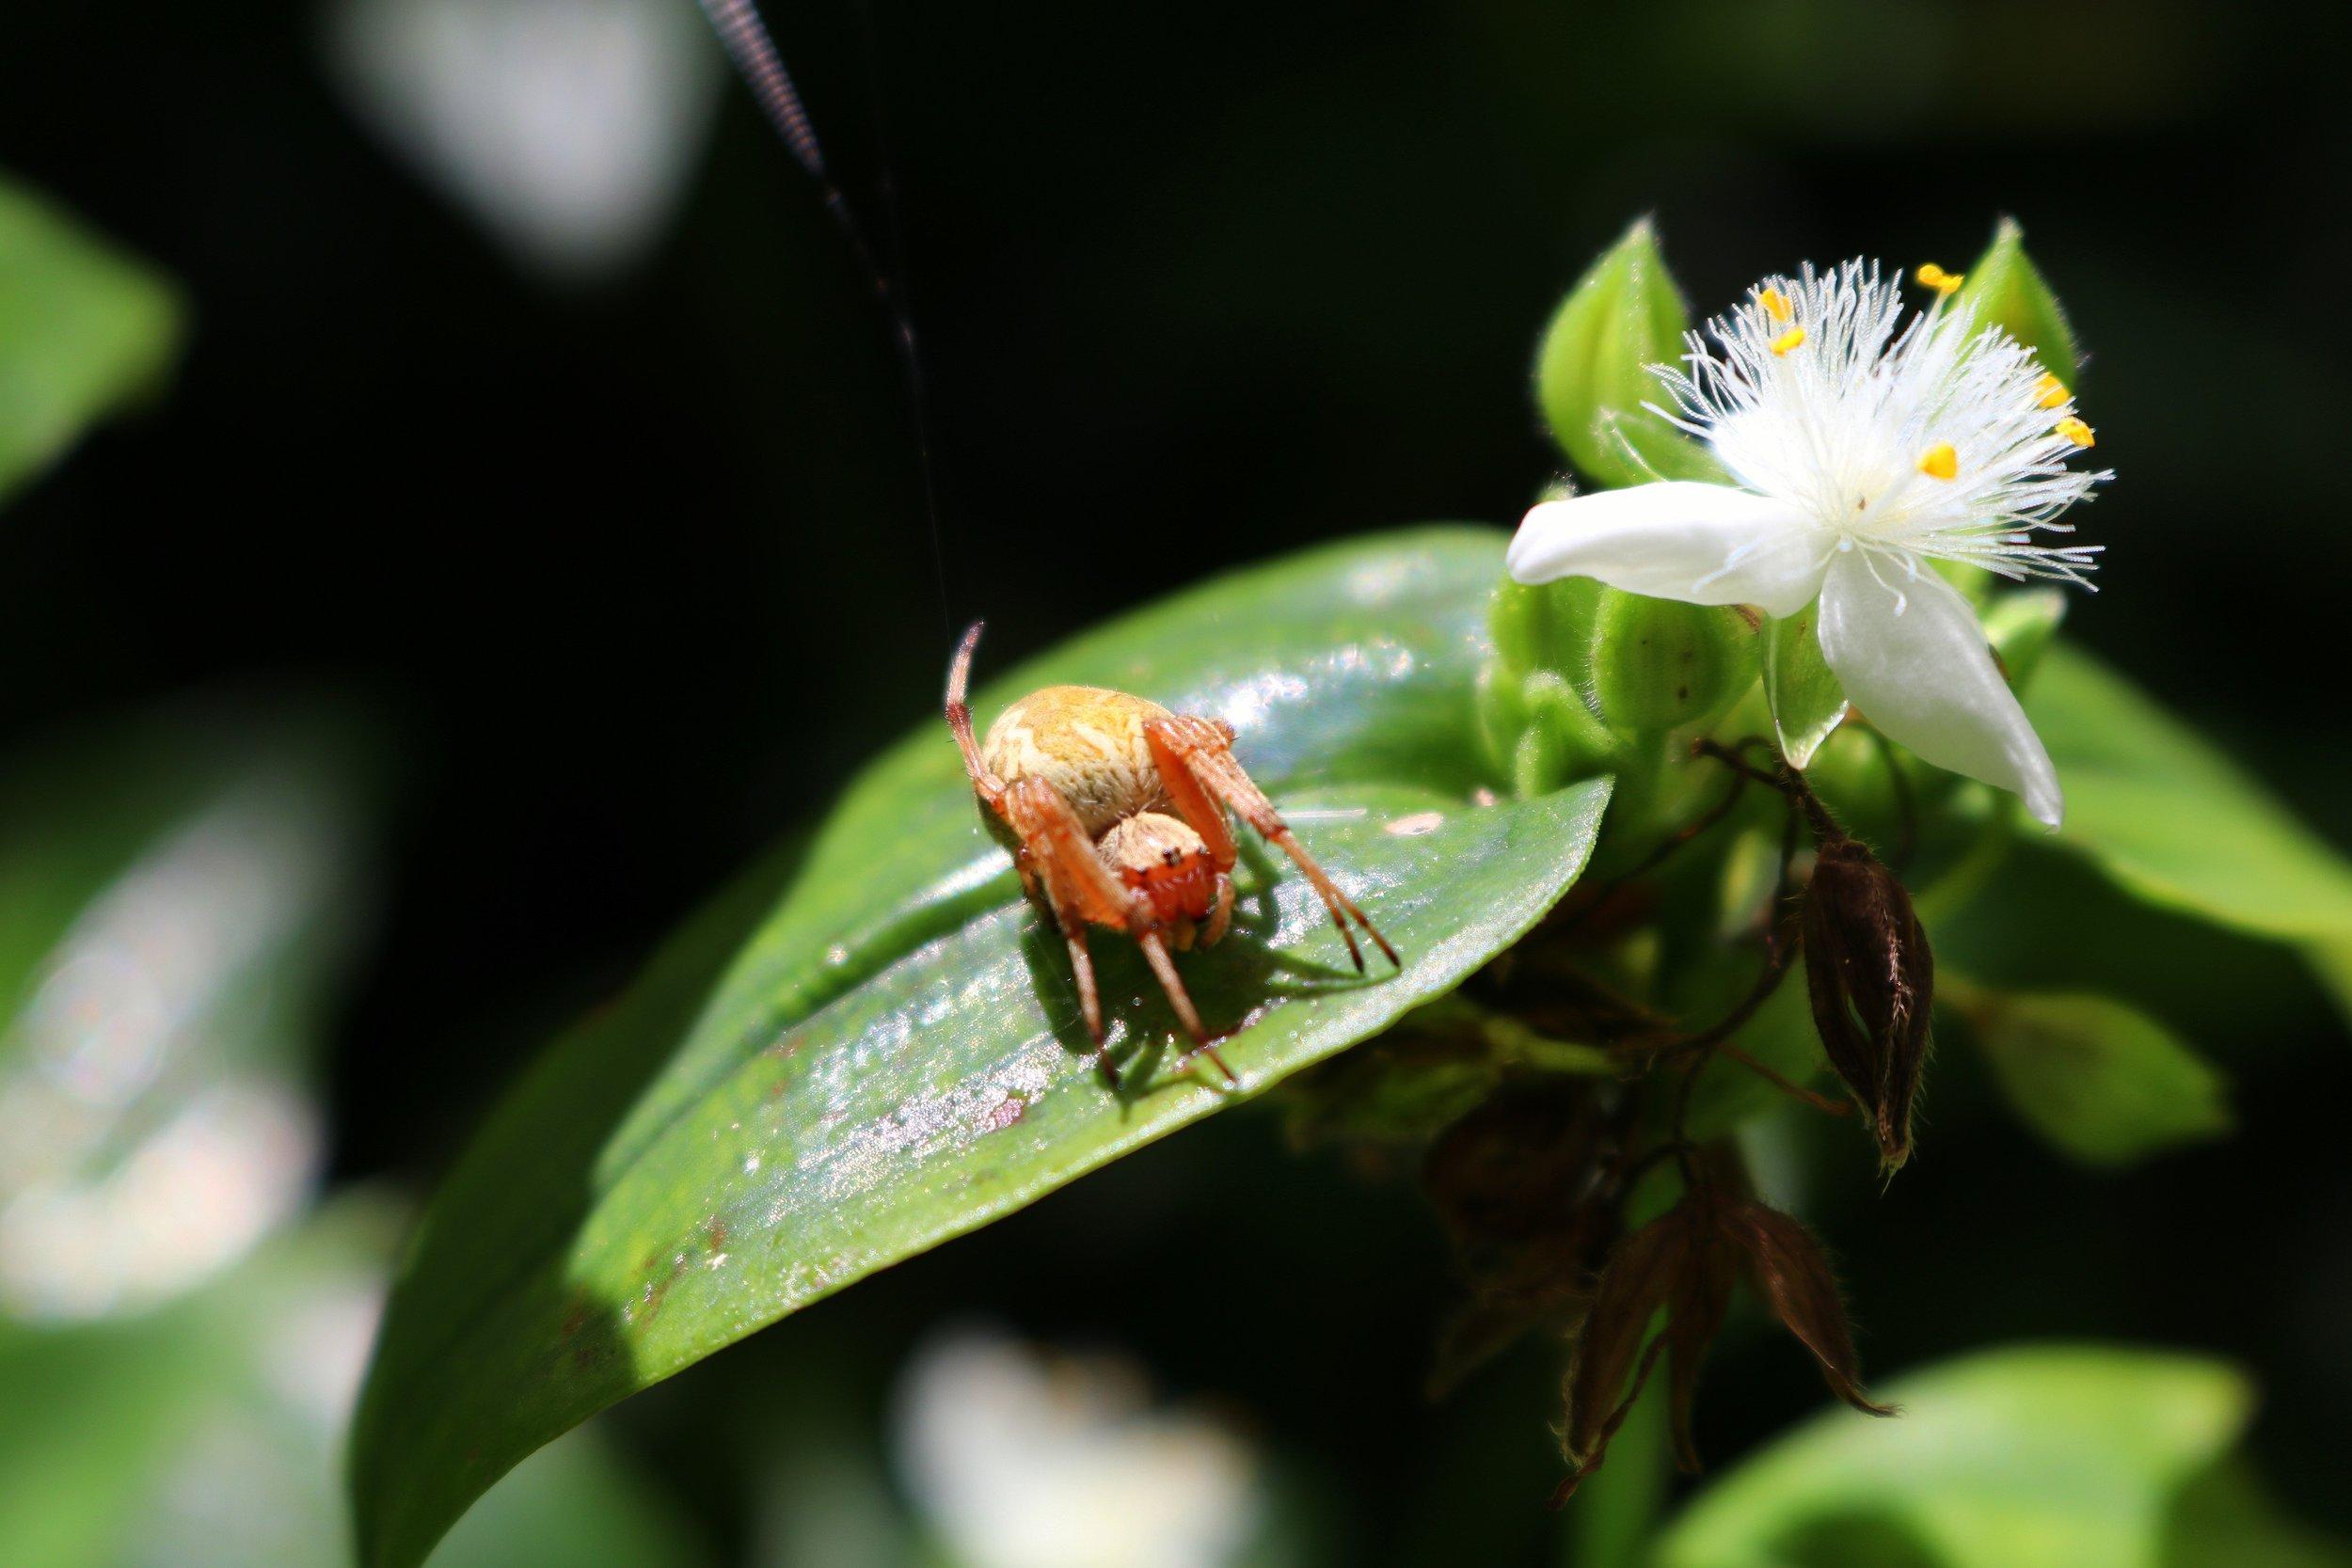 Garden Orb Weaver. Image: Leonardo Guida